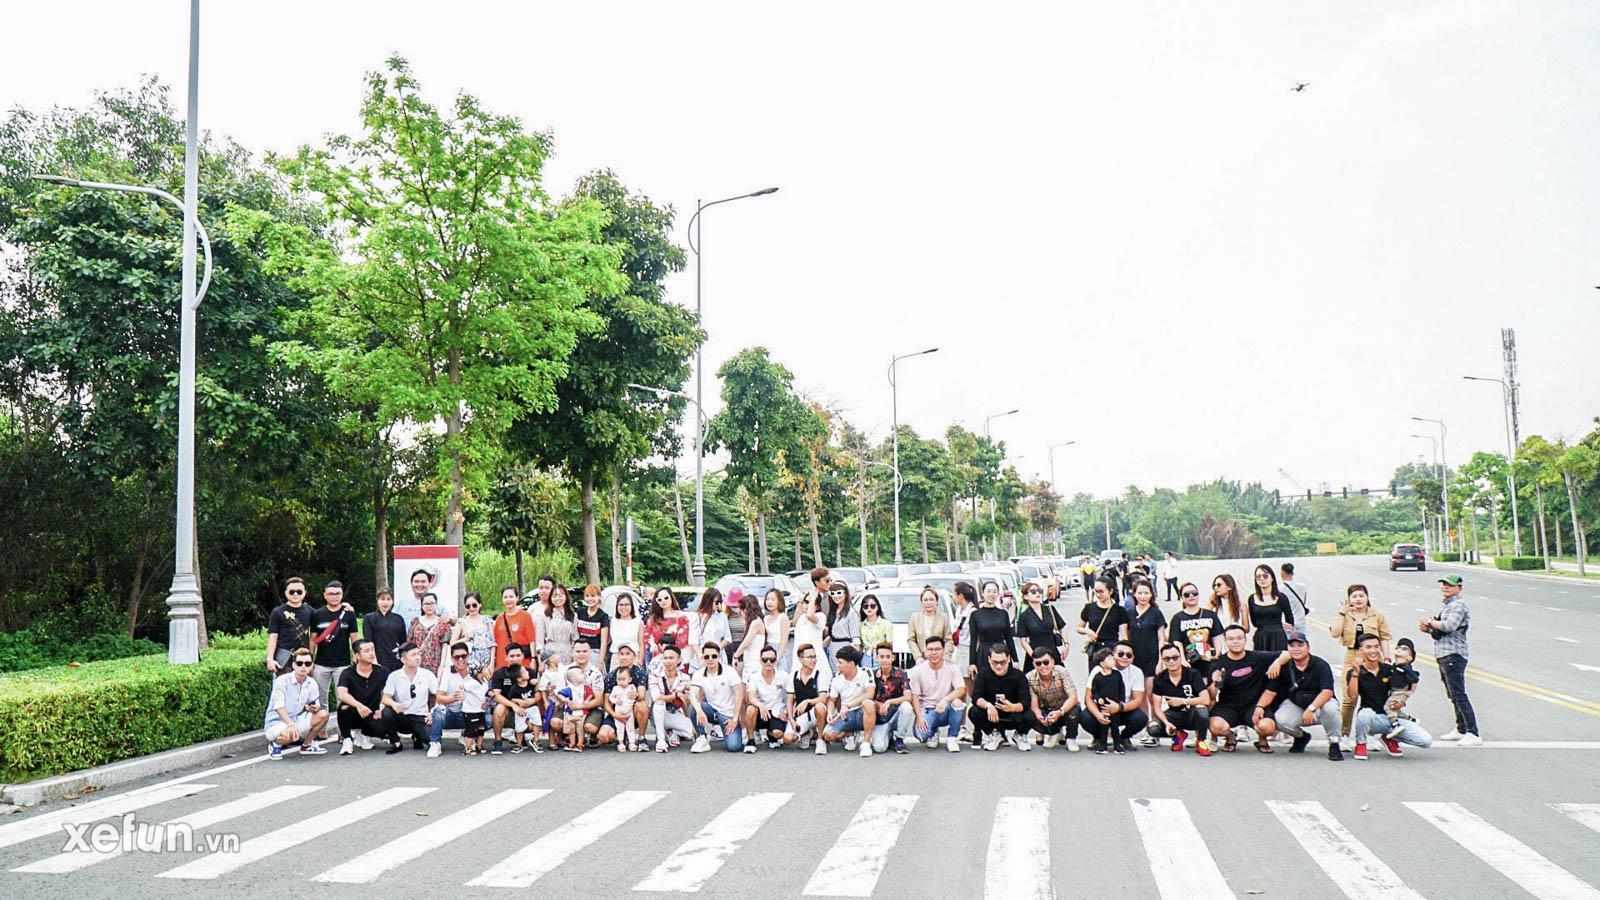 Summer Trip Mãn nhãn với dàn siêu xe tiền tỷ tại buổi offline của Hội Yêu Xe Đức Xefun - 35465